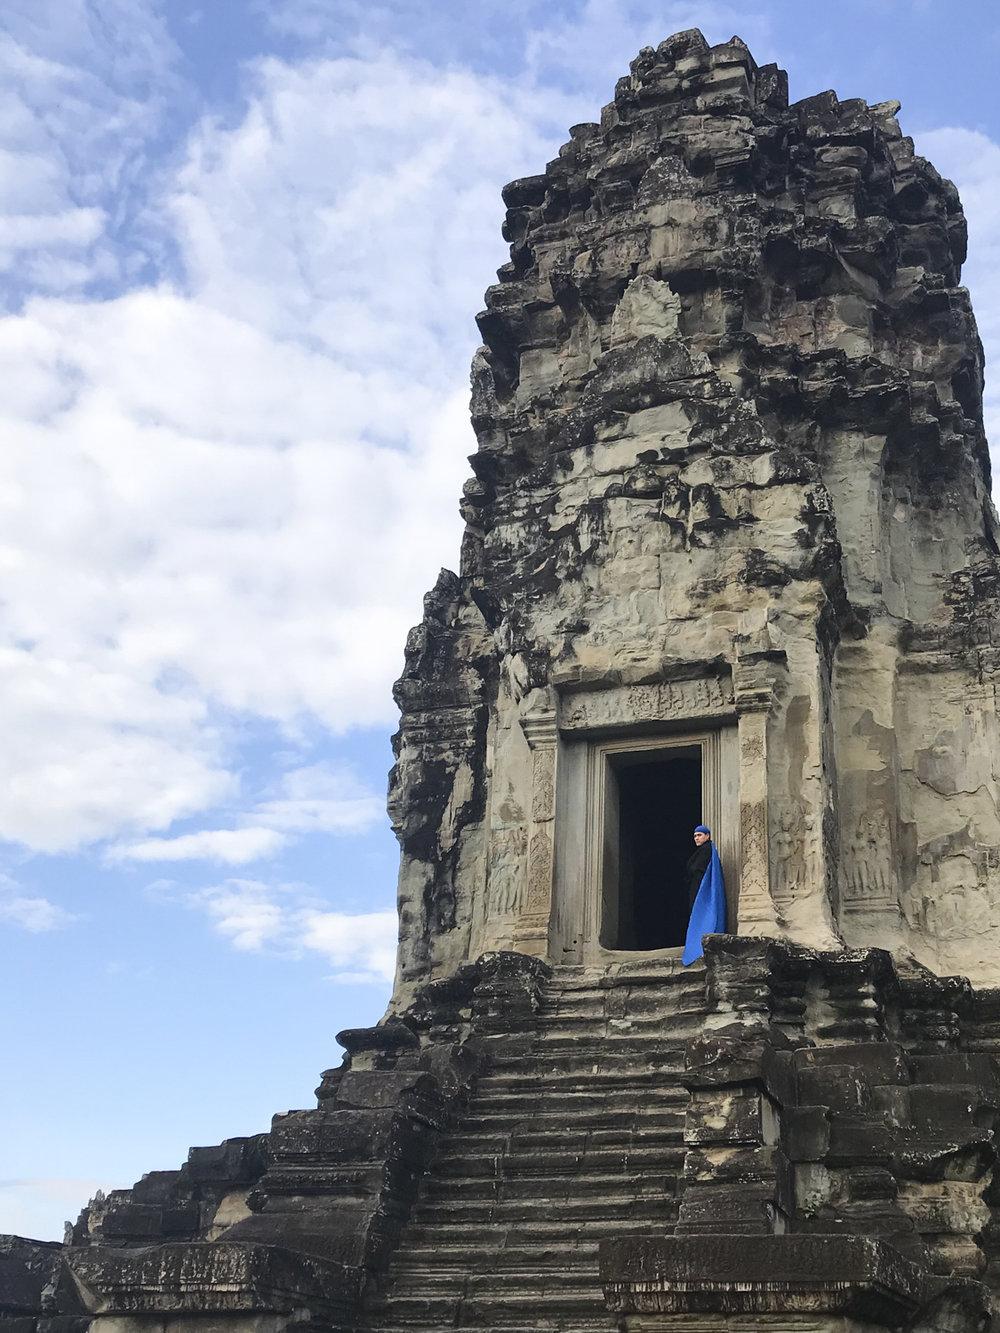 Tuck-Muntarbhorn-Angkor-Wat-1.jpg